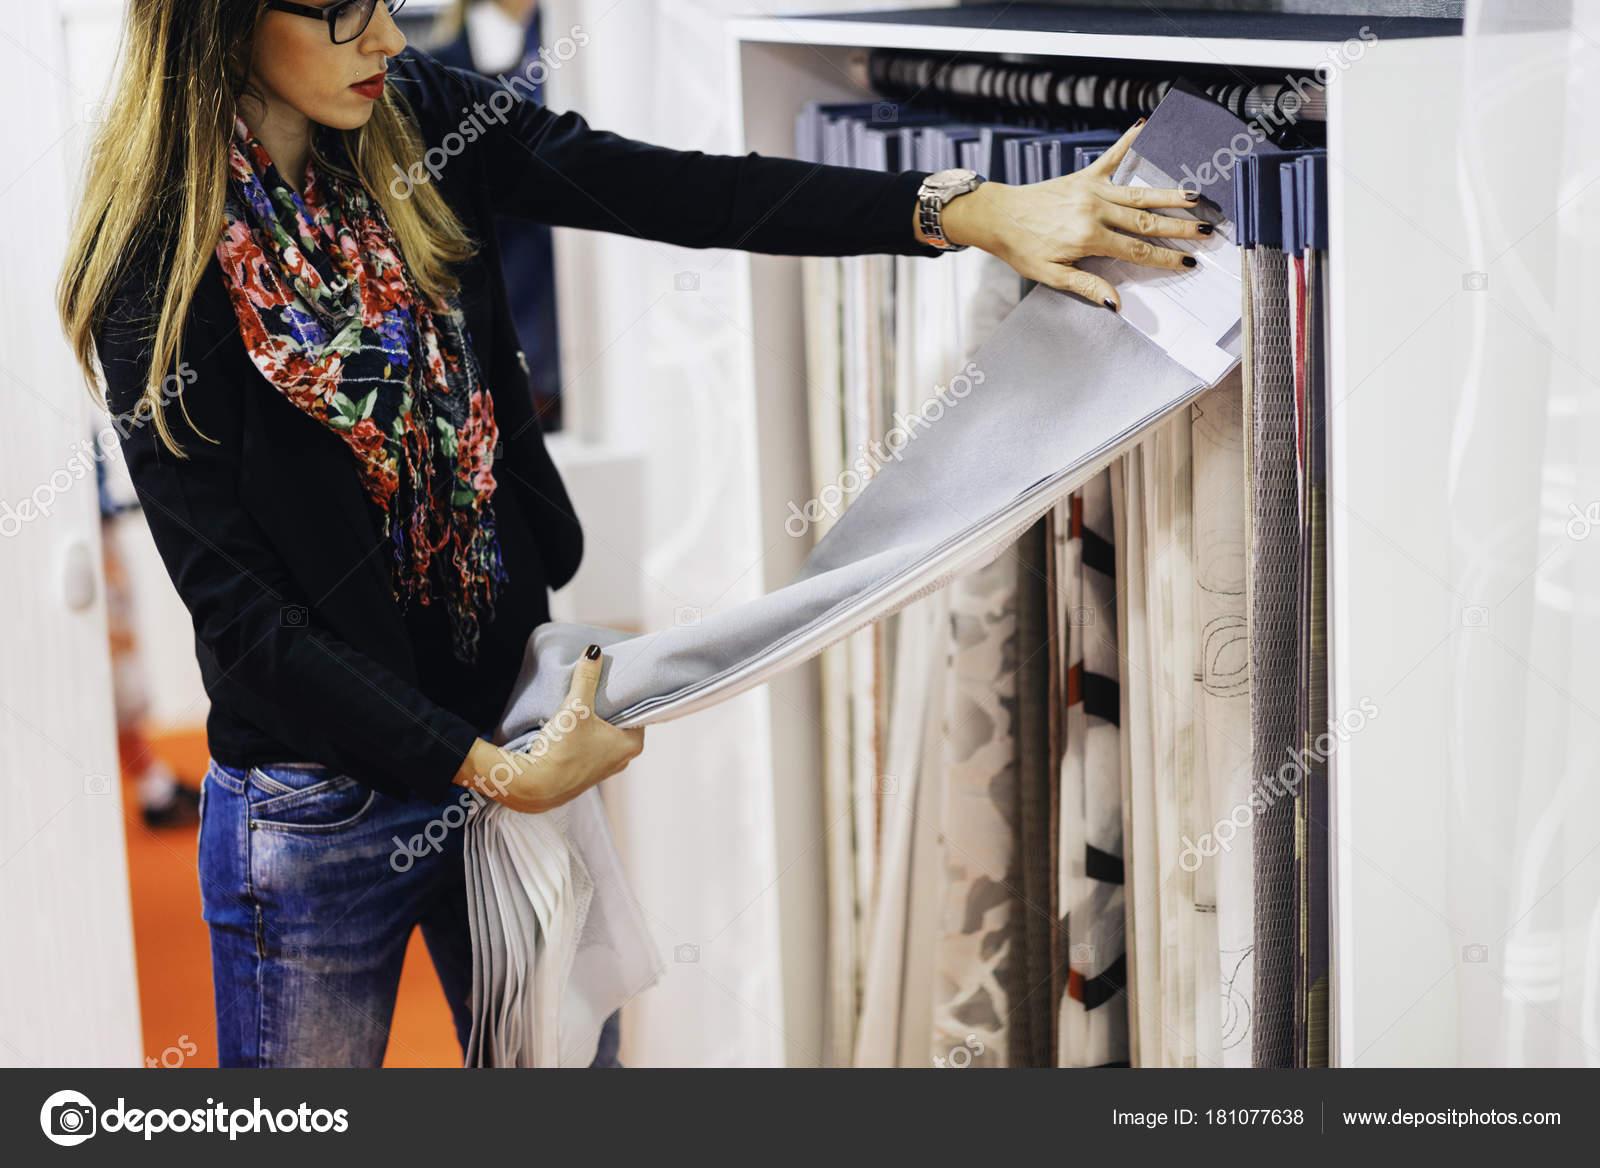 https://st3.depositphotos.com/6644020/18107/i/1600/depositphotos_181077638-stockafbeelding-ontwerper-kiezen-stof-voor-gordijnen.jpg